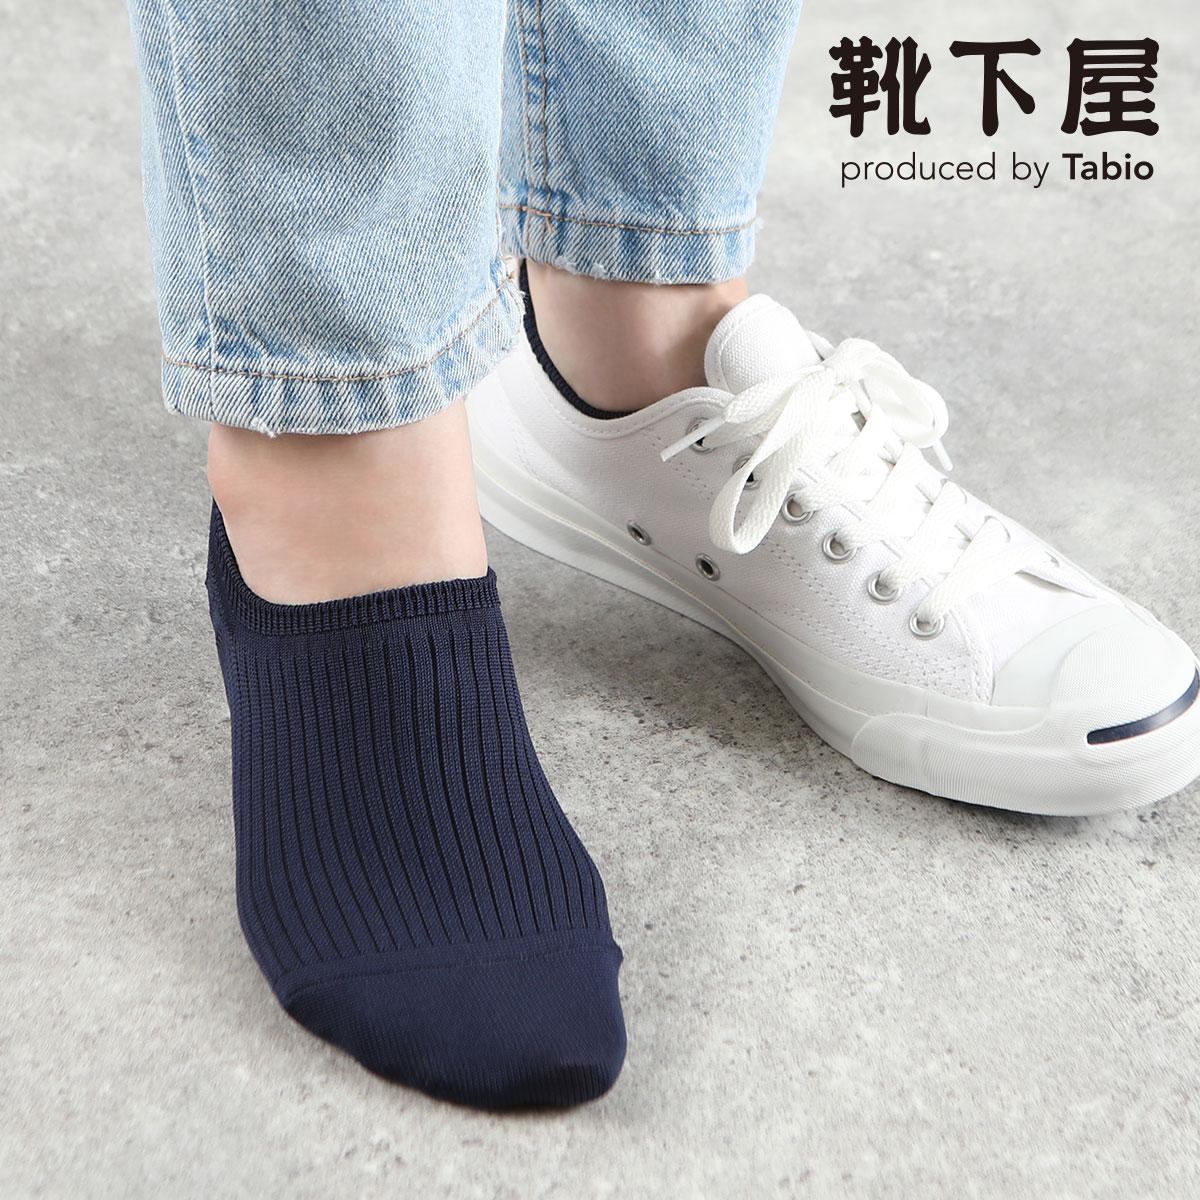 【あす楽】【靴下屋】 ◆吸水・速乾◆ リブスニーカー用ソックス / 靴下 タビオ Tabio くつ下 レディース ドライ 吸水速乾 日本製